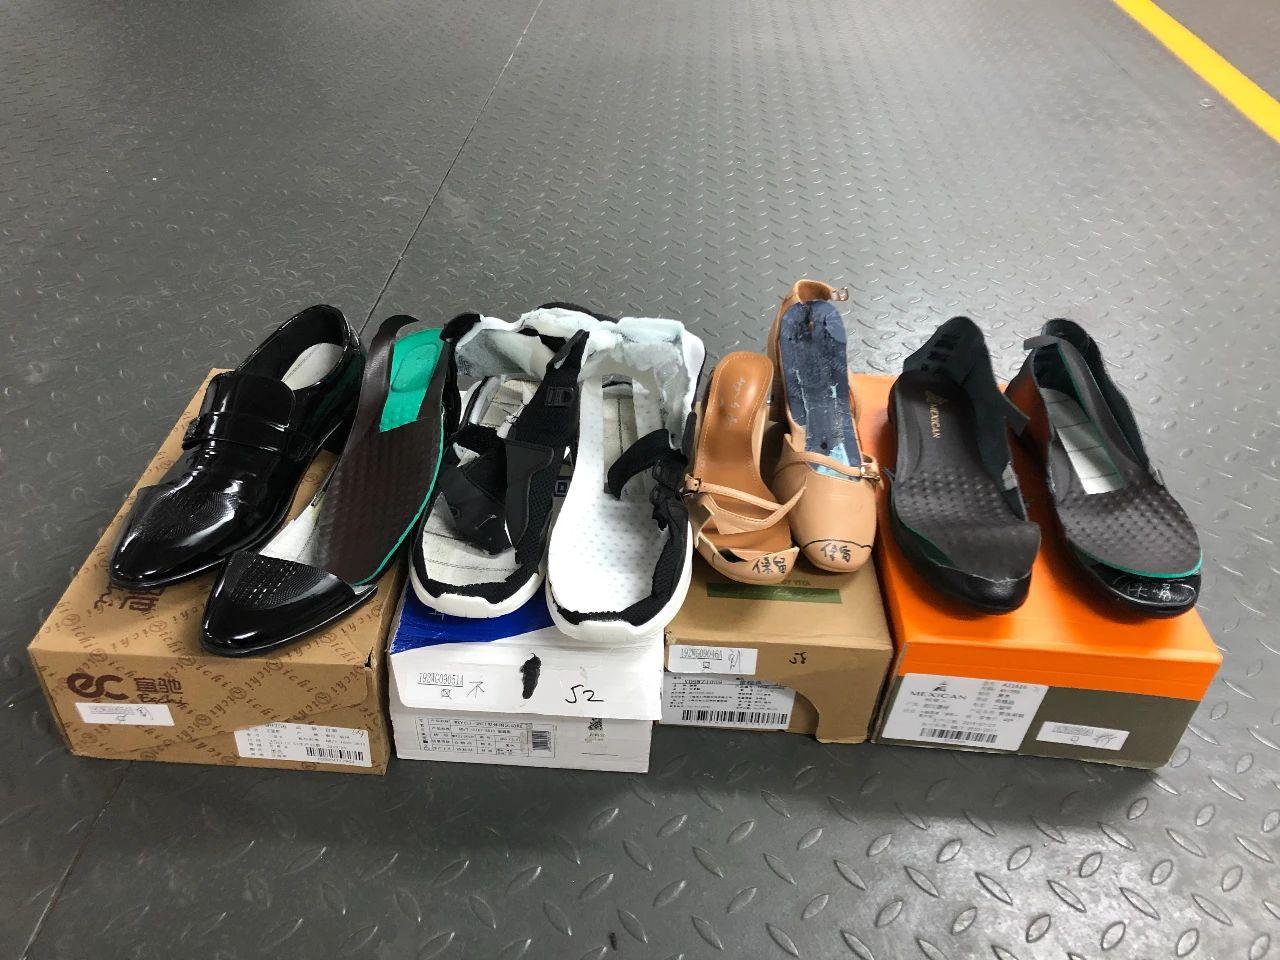 网上买品牌鞋子不靠谱?GAP、新百丽、迪卡侬等被点名